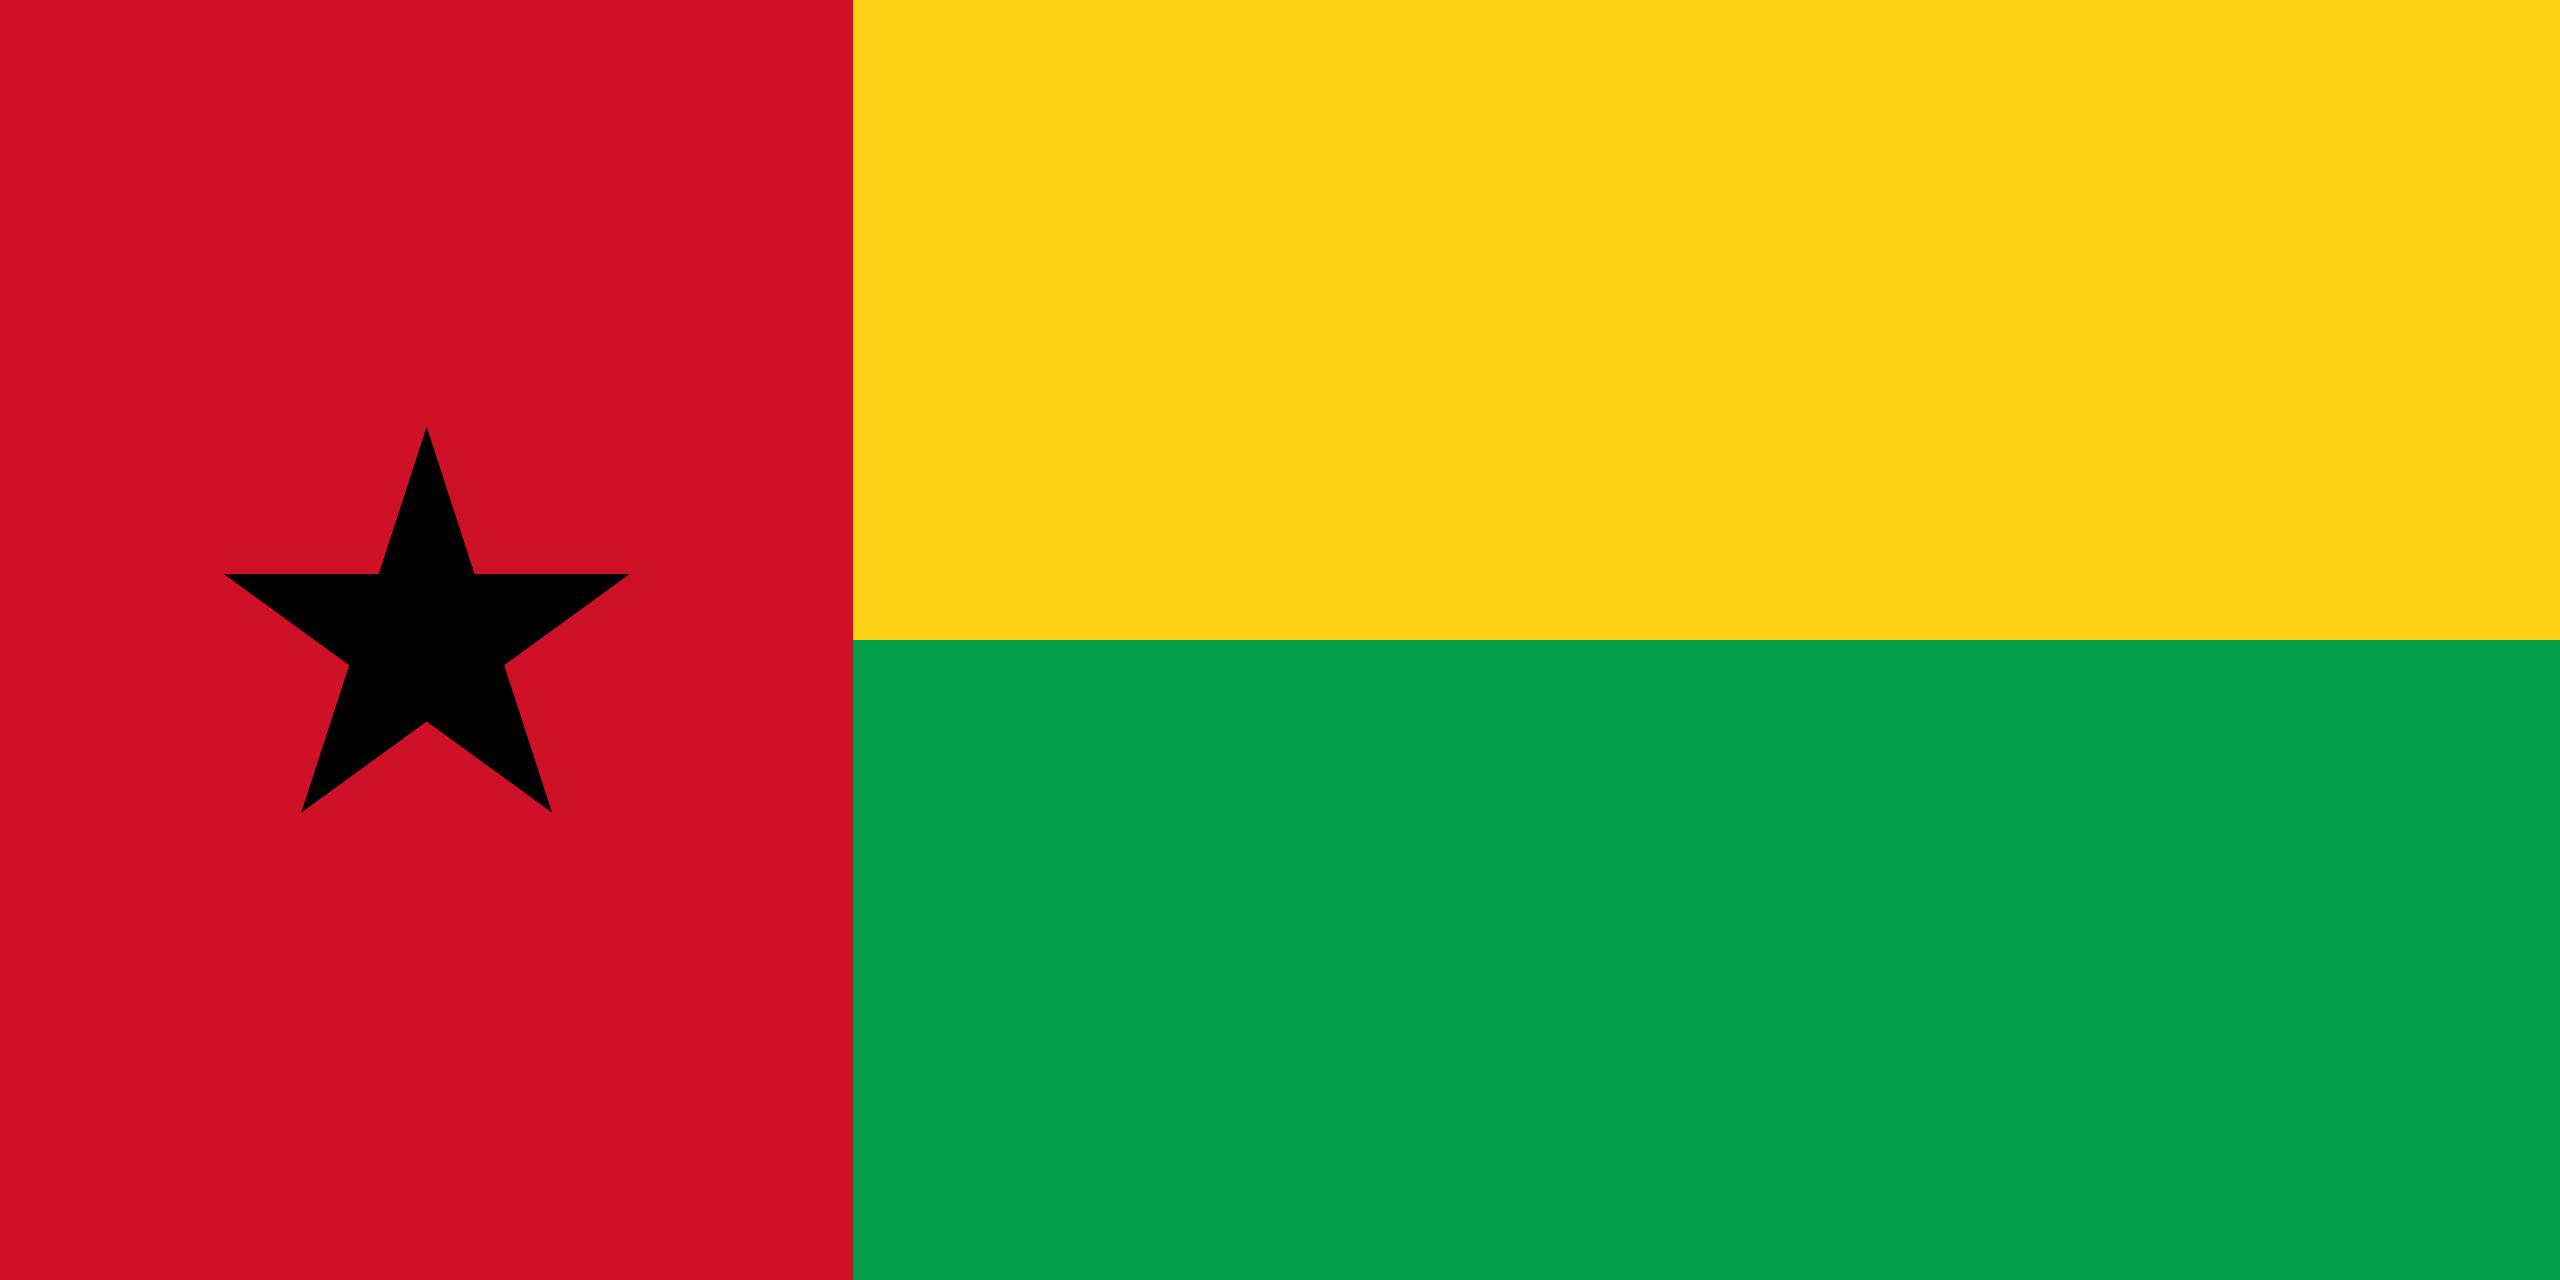 Guinée-Bissau, pays, emblème, logo, symbole - Fonds d'écran HD - Professor-falken.com